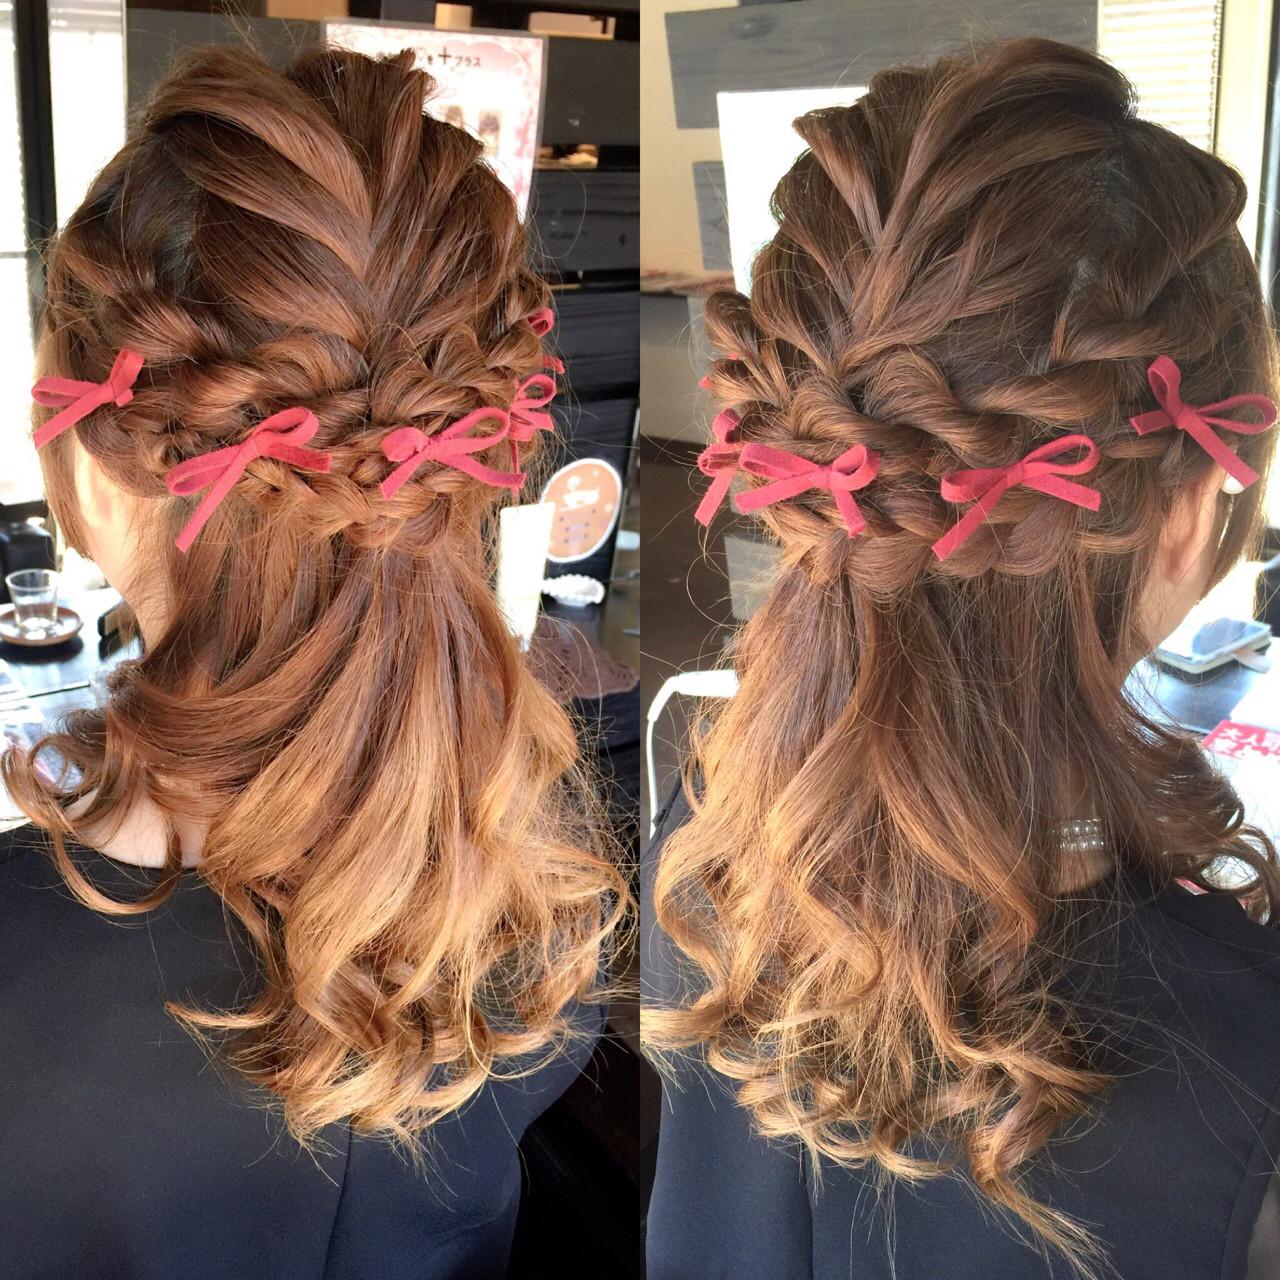 ①トップの髪を耳の高さまでフィッシュボーンしていきゴムでとめます。 ②サイドの髪を上下2つに分け、上の髪をツイストしていきます。 ③サイドの髪の下の髪を編み込みしていきます。 ④交差するようにピンでとめます。 ⑤耳より下をコテで巻いたら完成です!